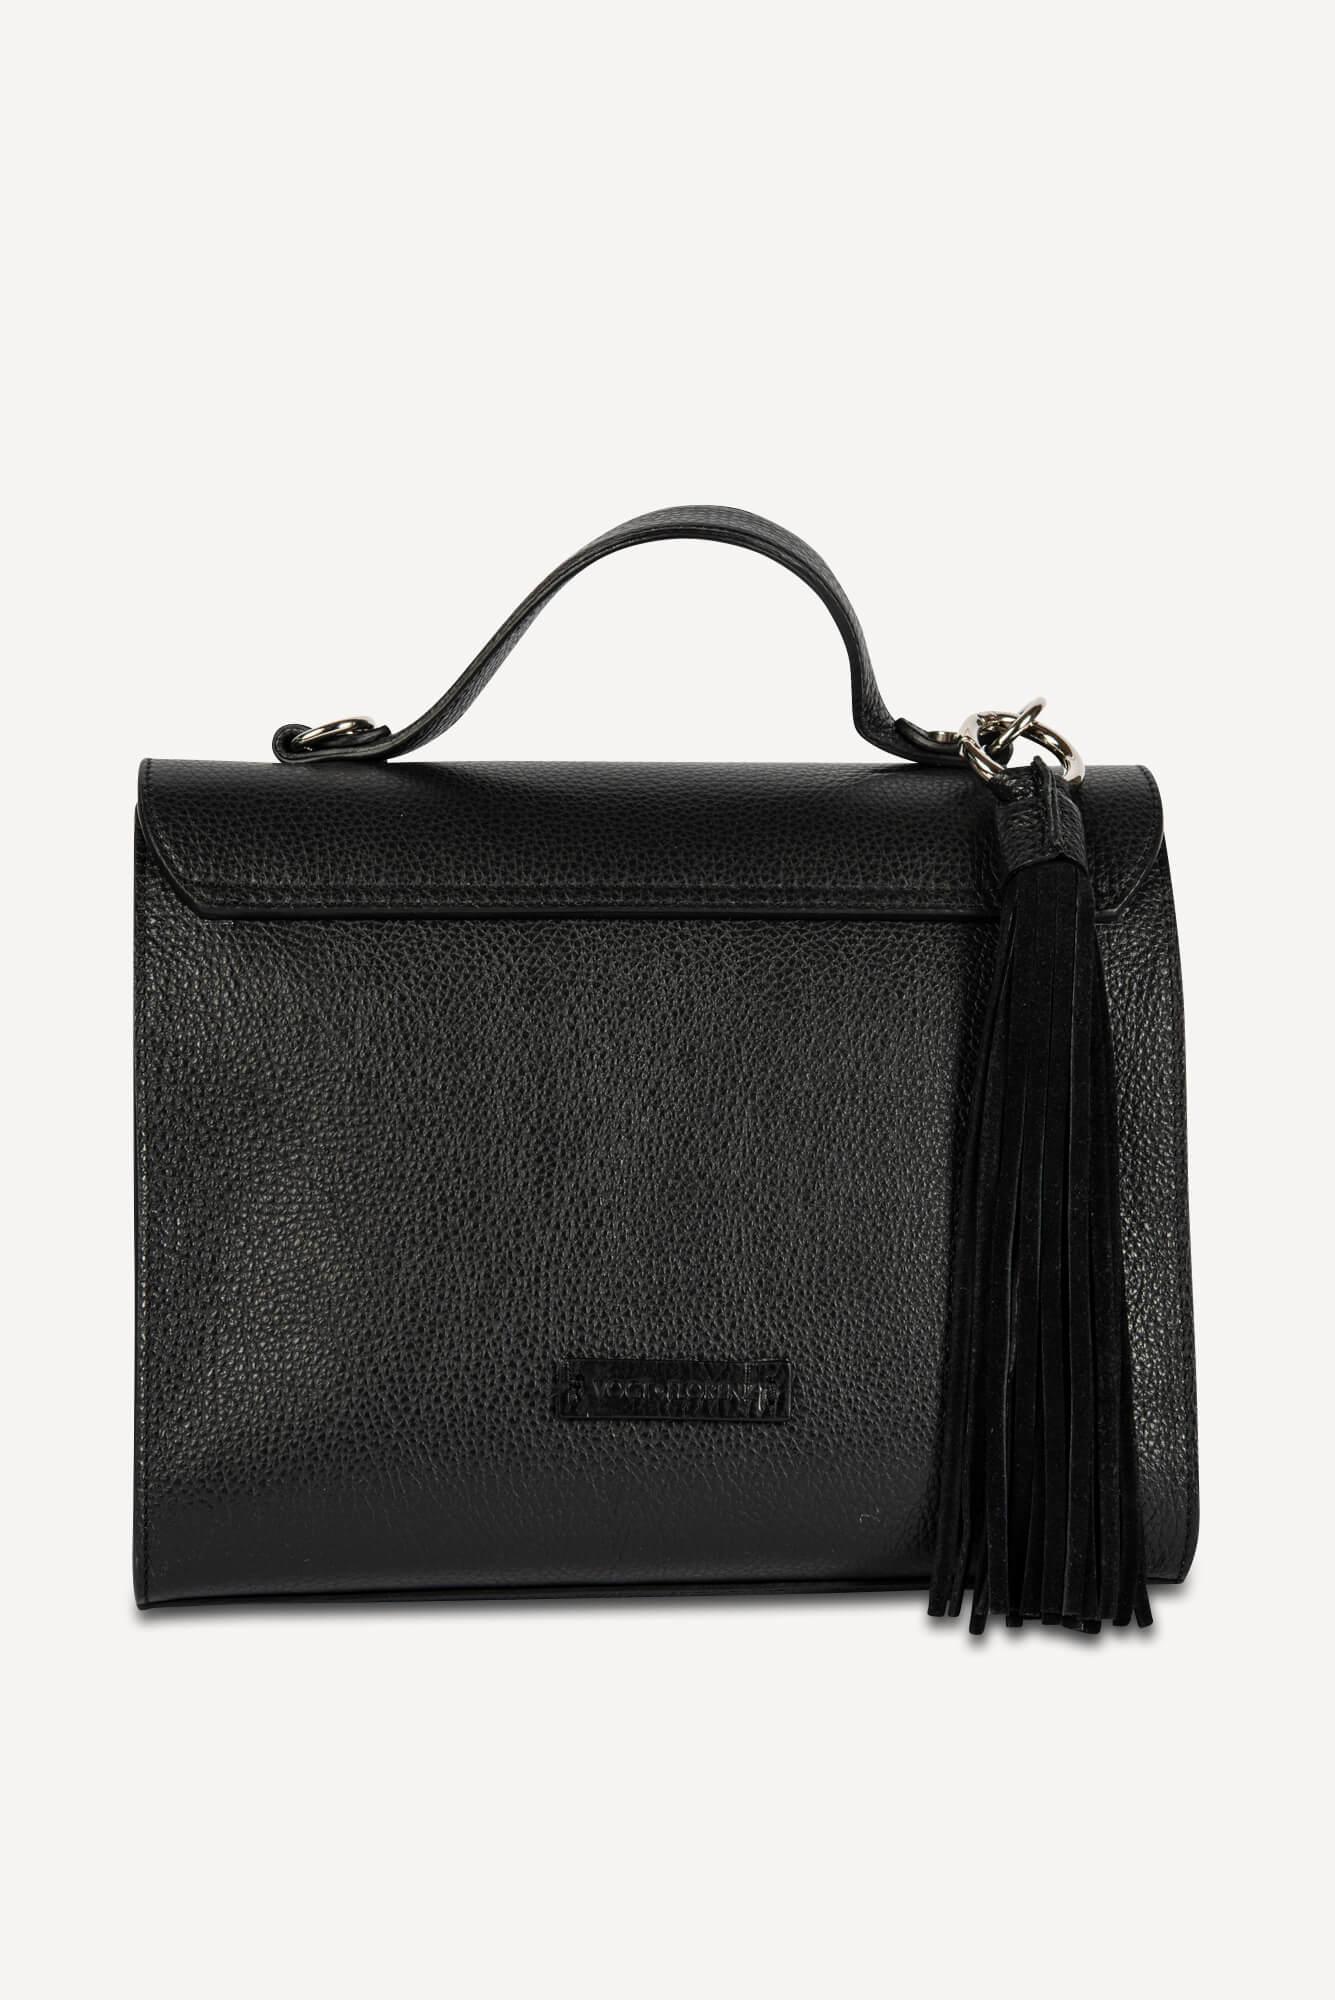 Tasche Begum,  schwarz